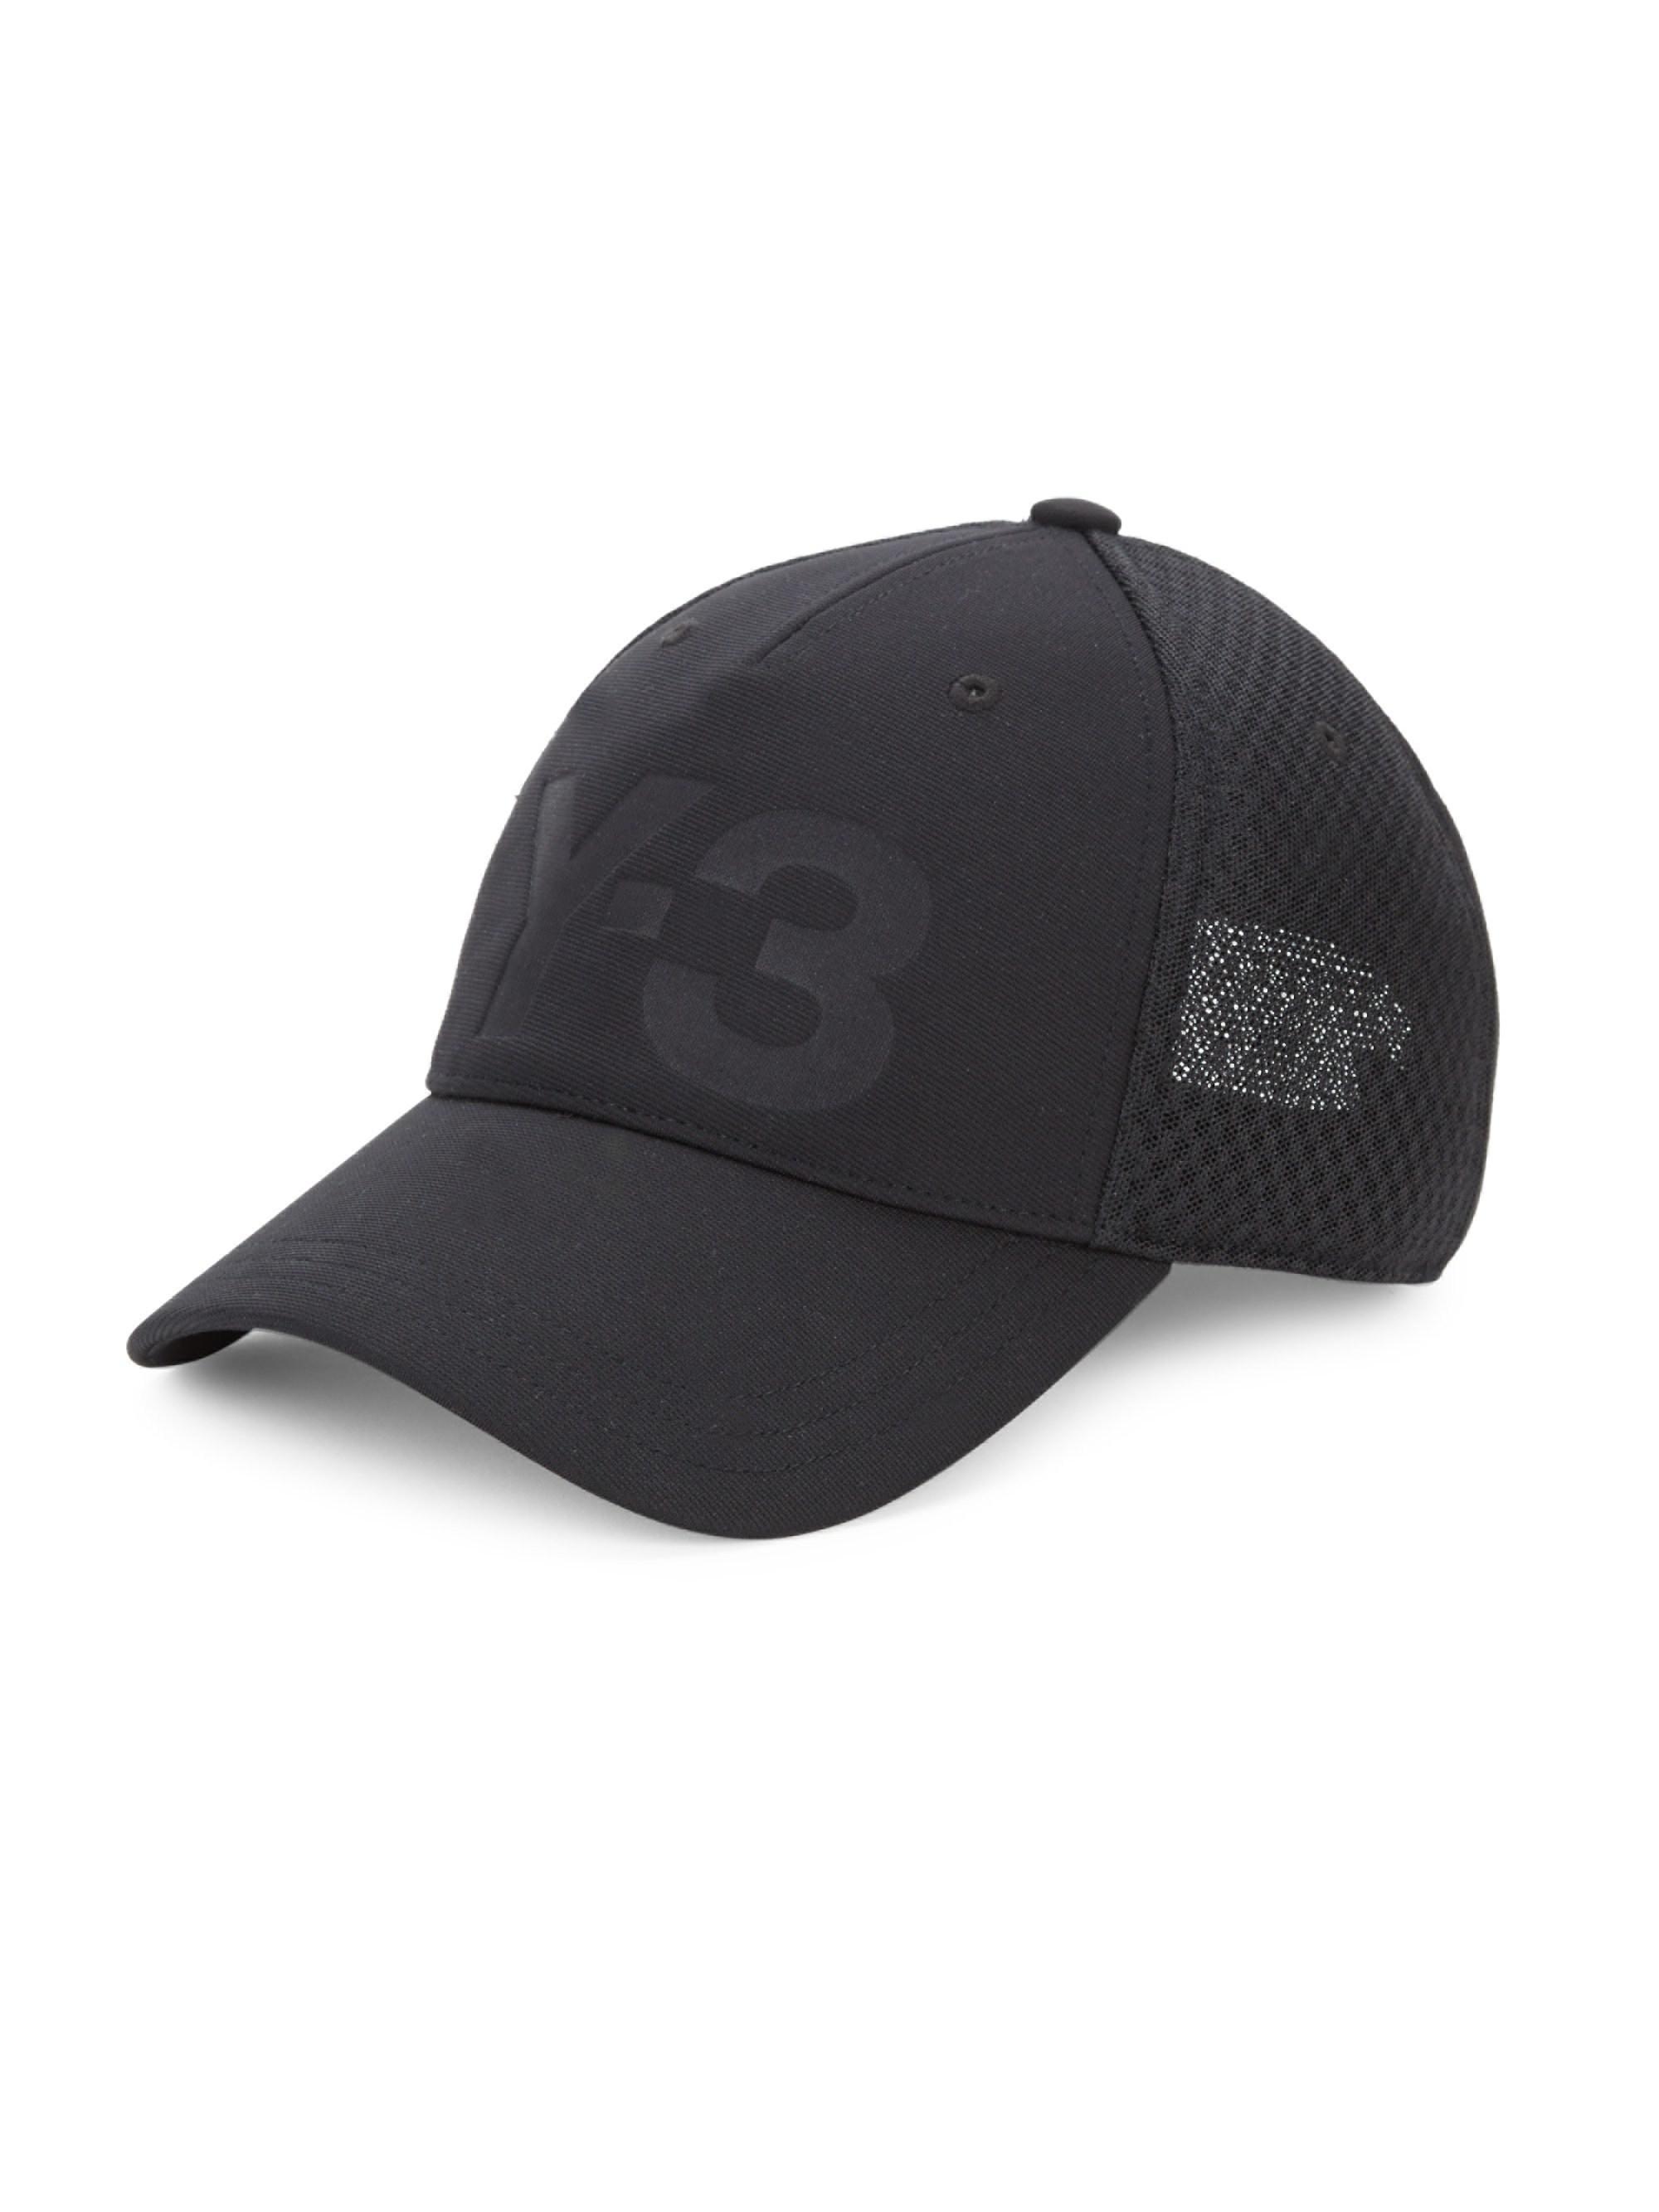 076dc8eb4 Y-3 Logo Trucker Cap in Black for Men - Lyst